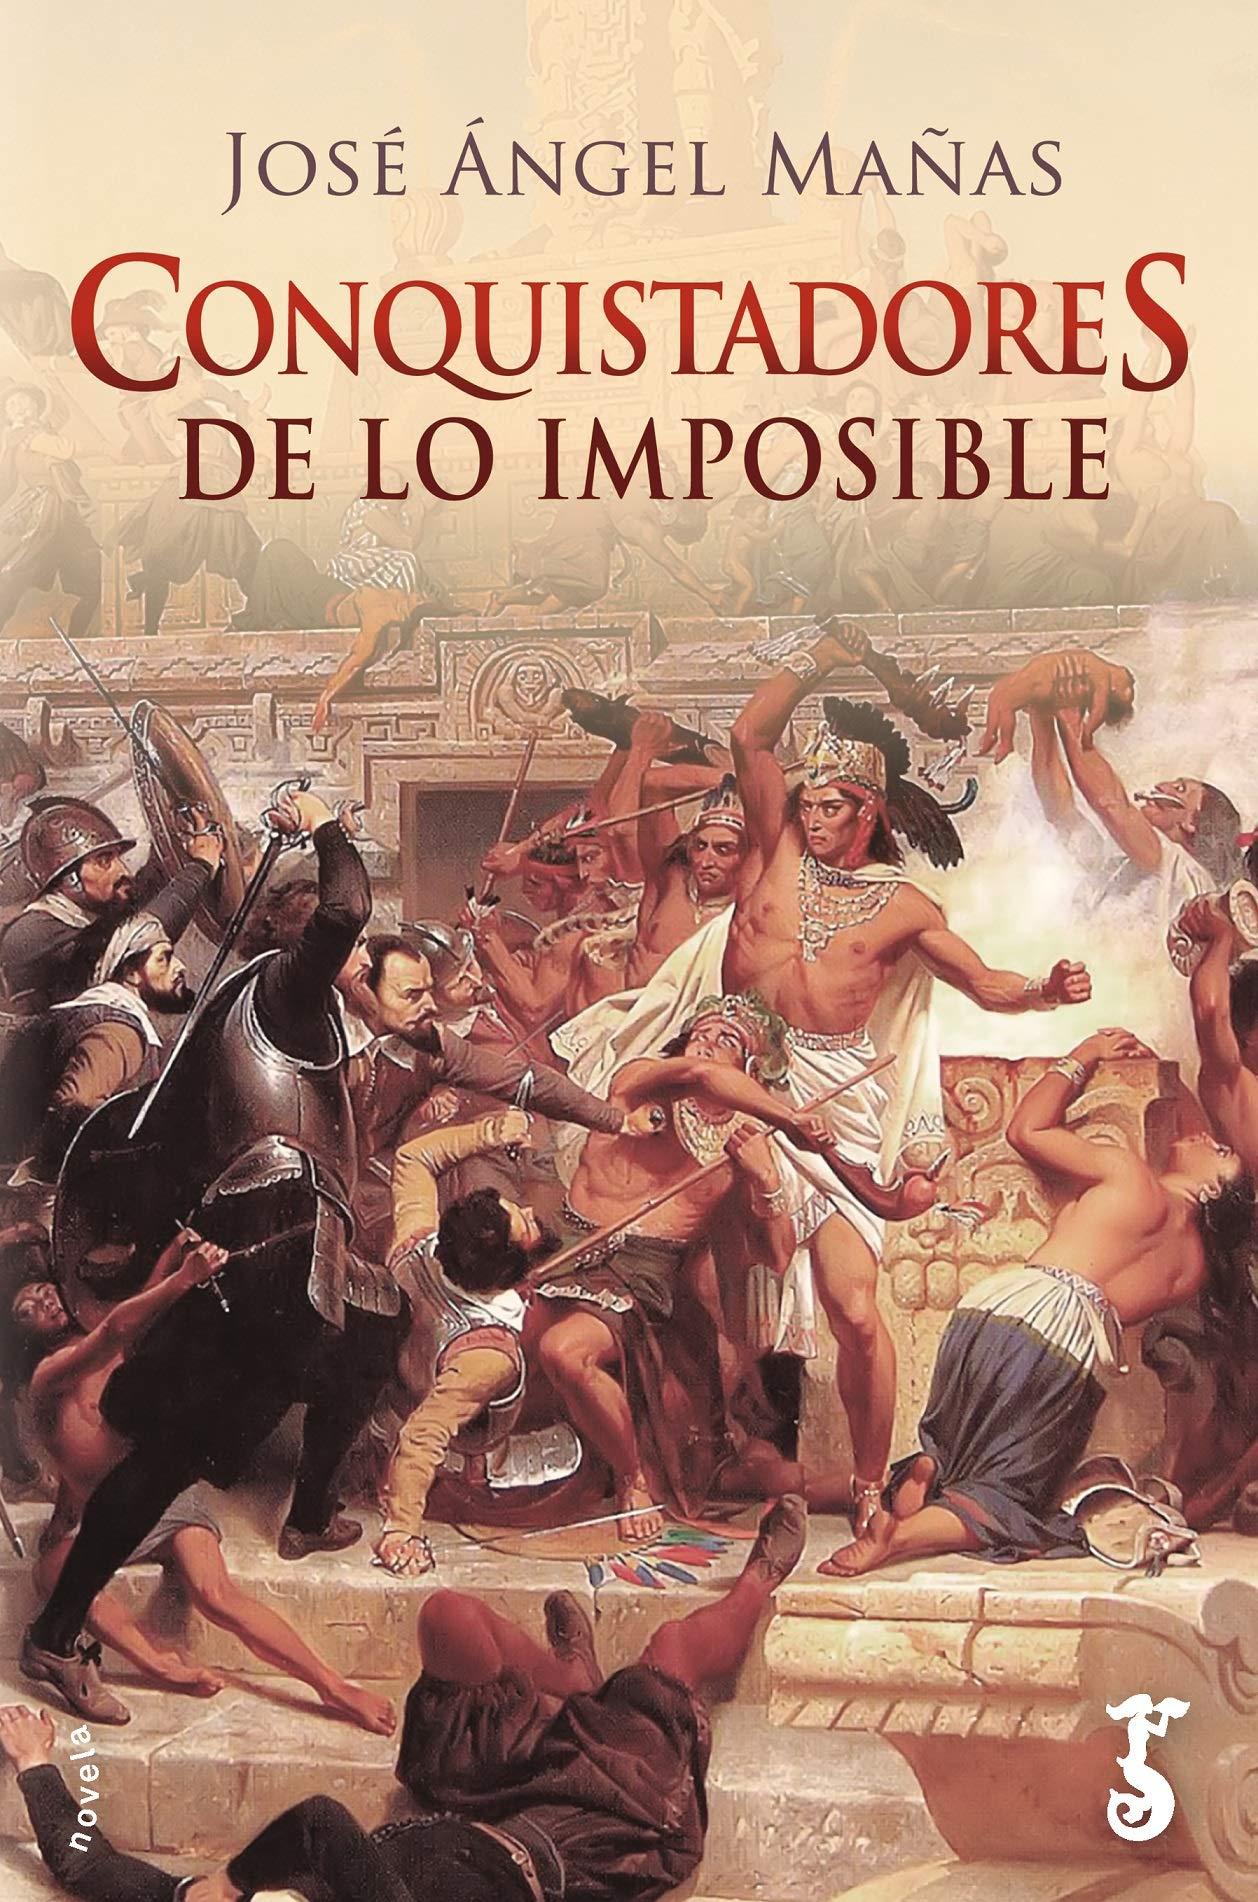 Conquistadores de lo imposible: Amazon.es: Mañas, José Ángel: Libros